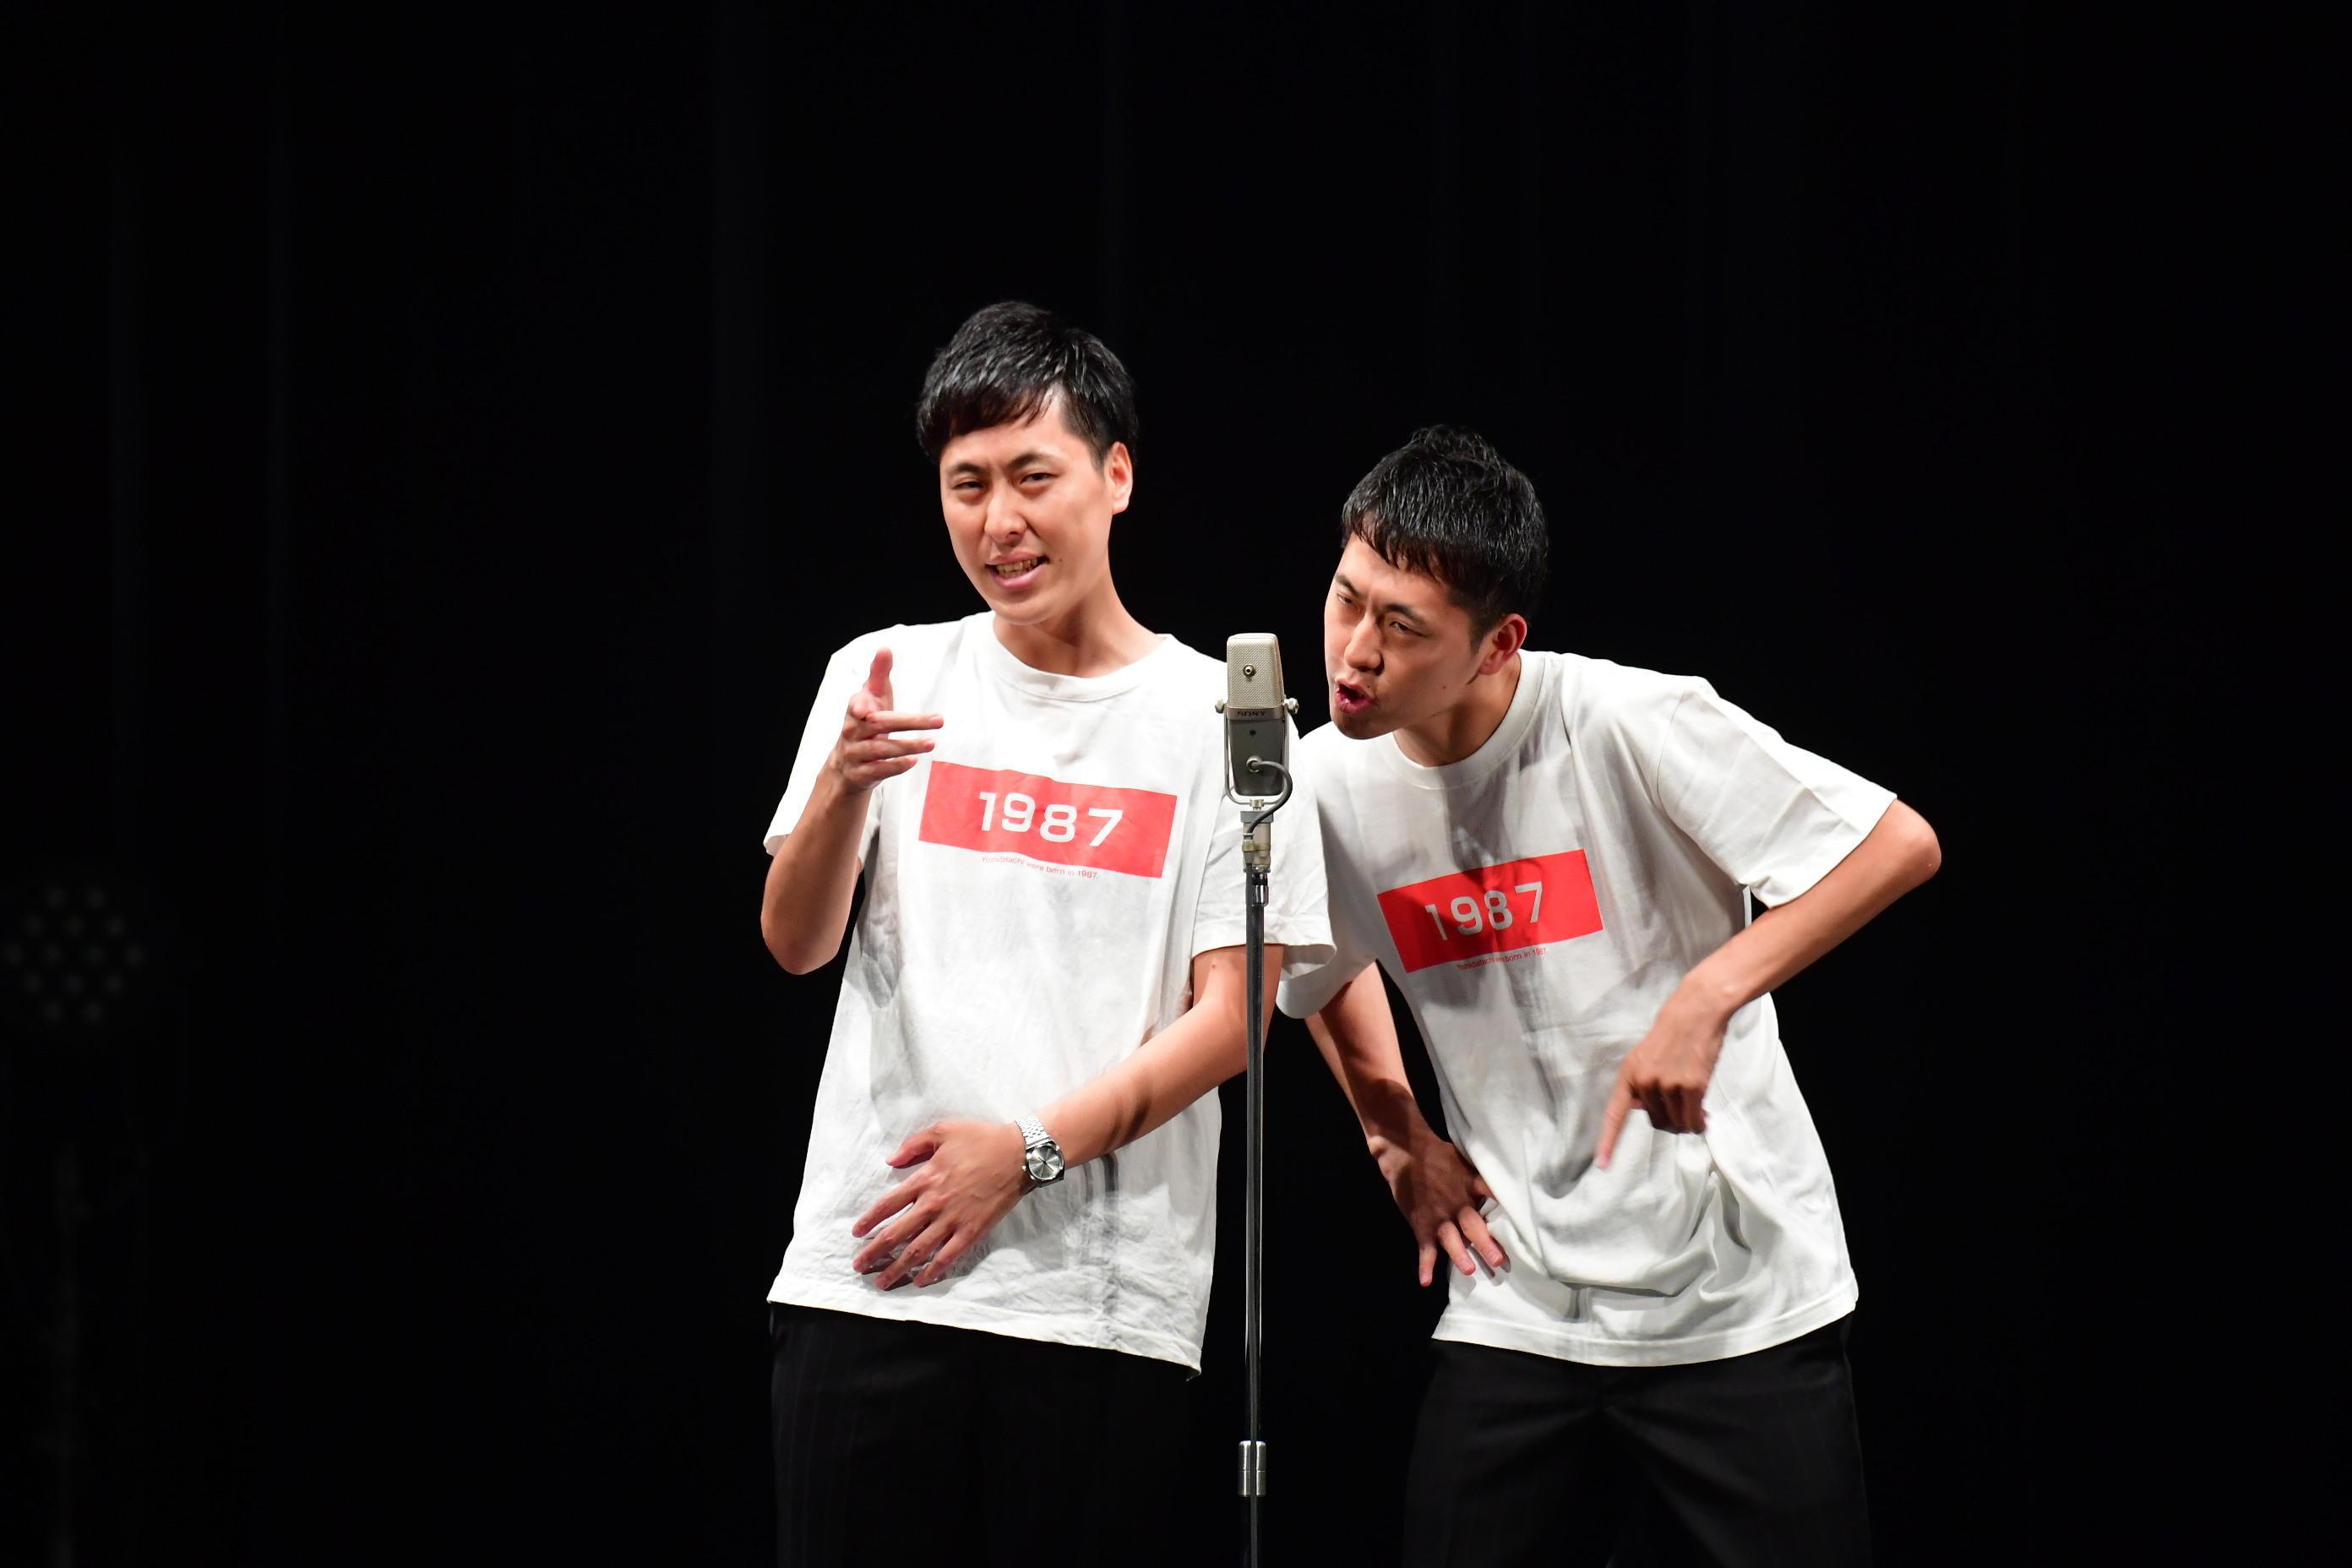 http://news.yoshimoto.co.jp/20180803010234-794cd6a2bf87dade0ba6993e663cbd60baaeaa1d.jpg